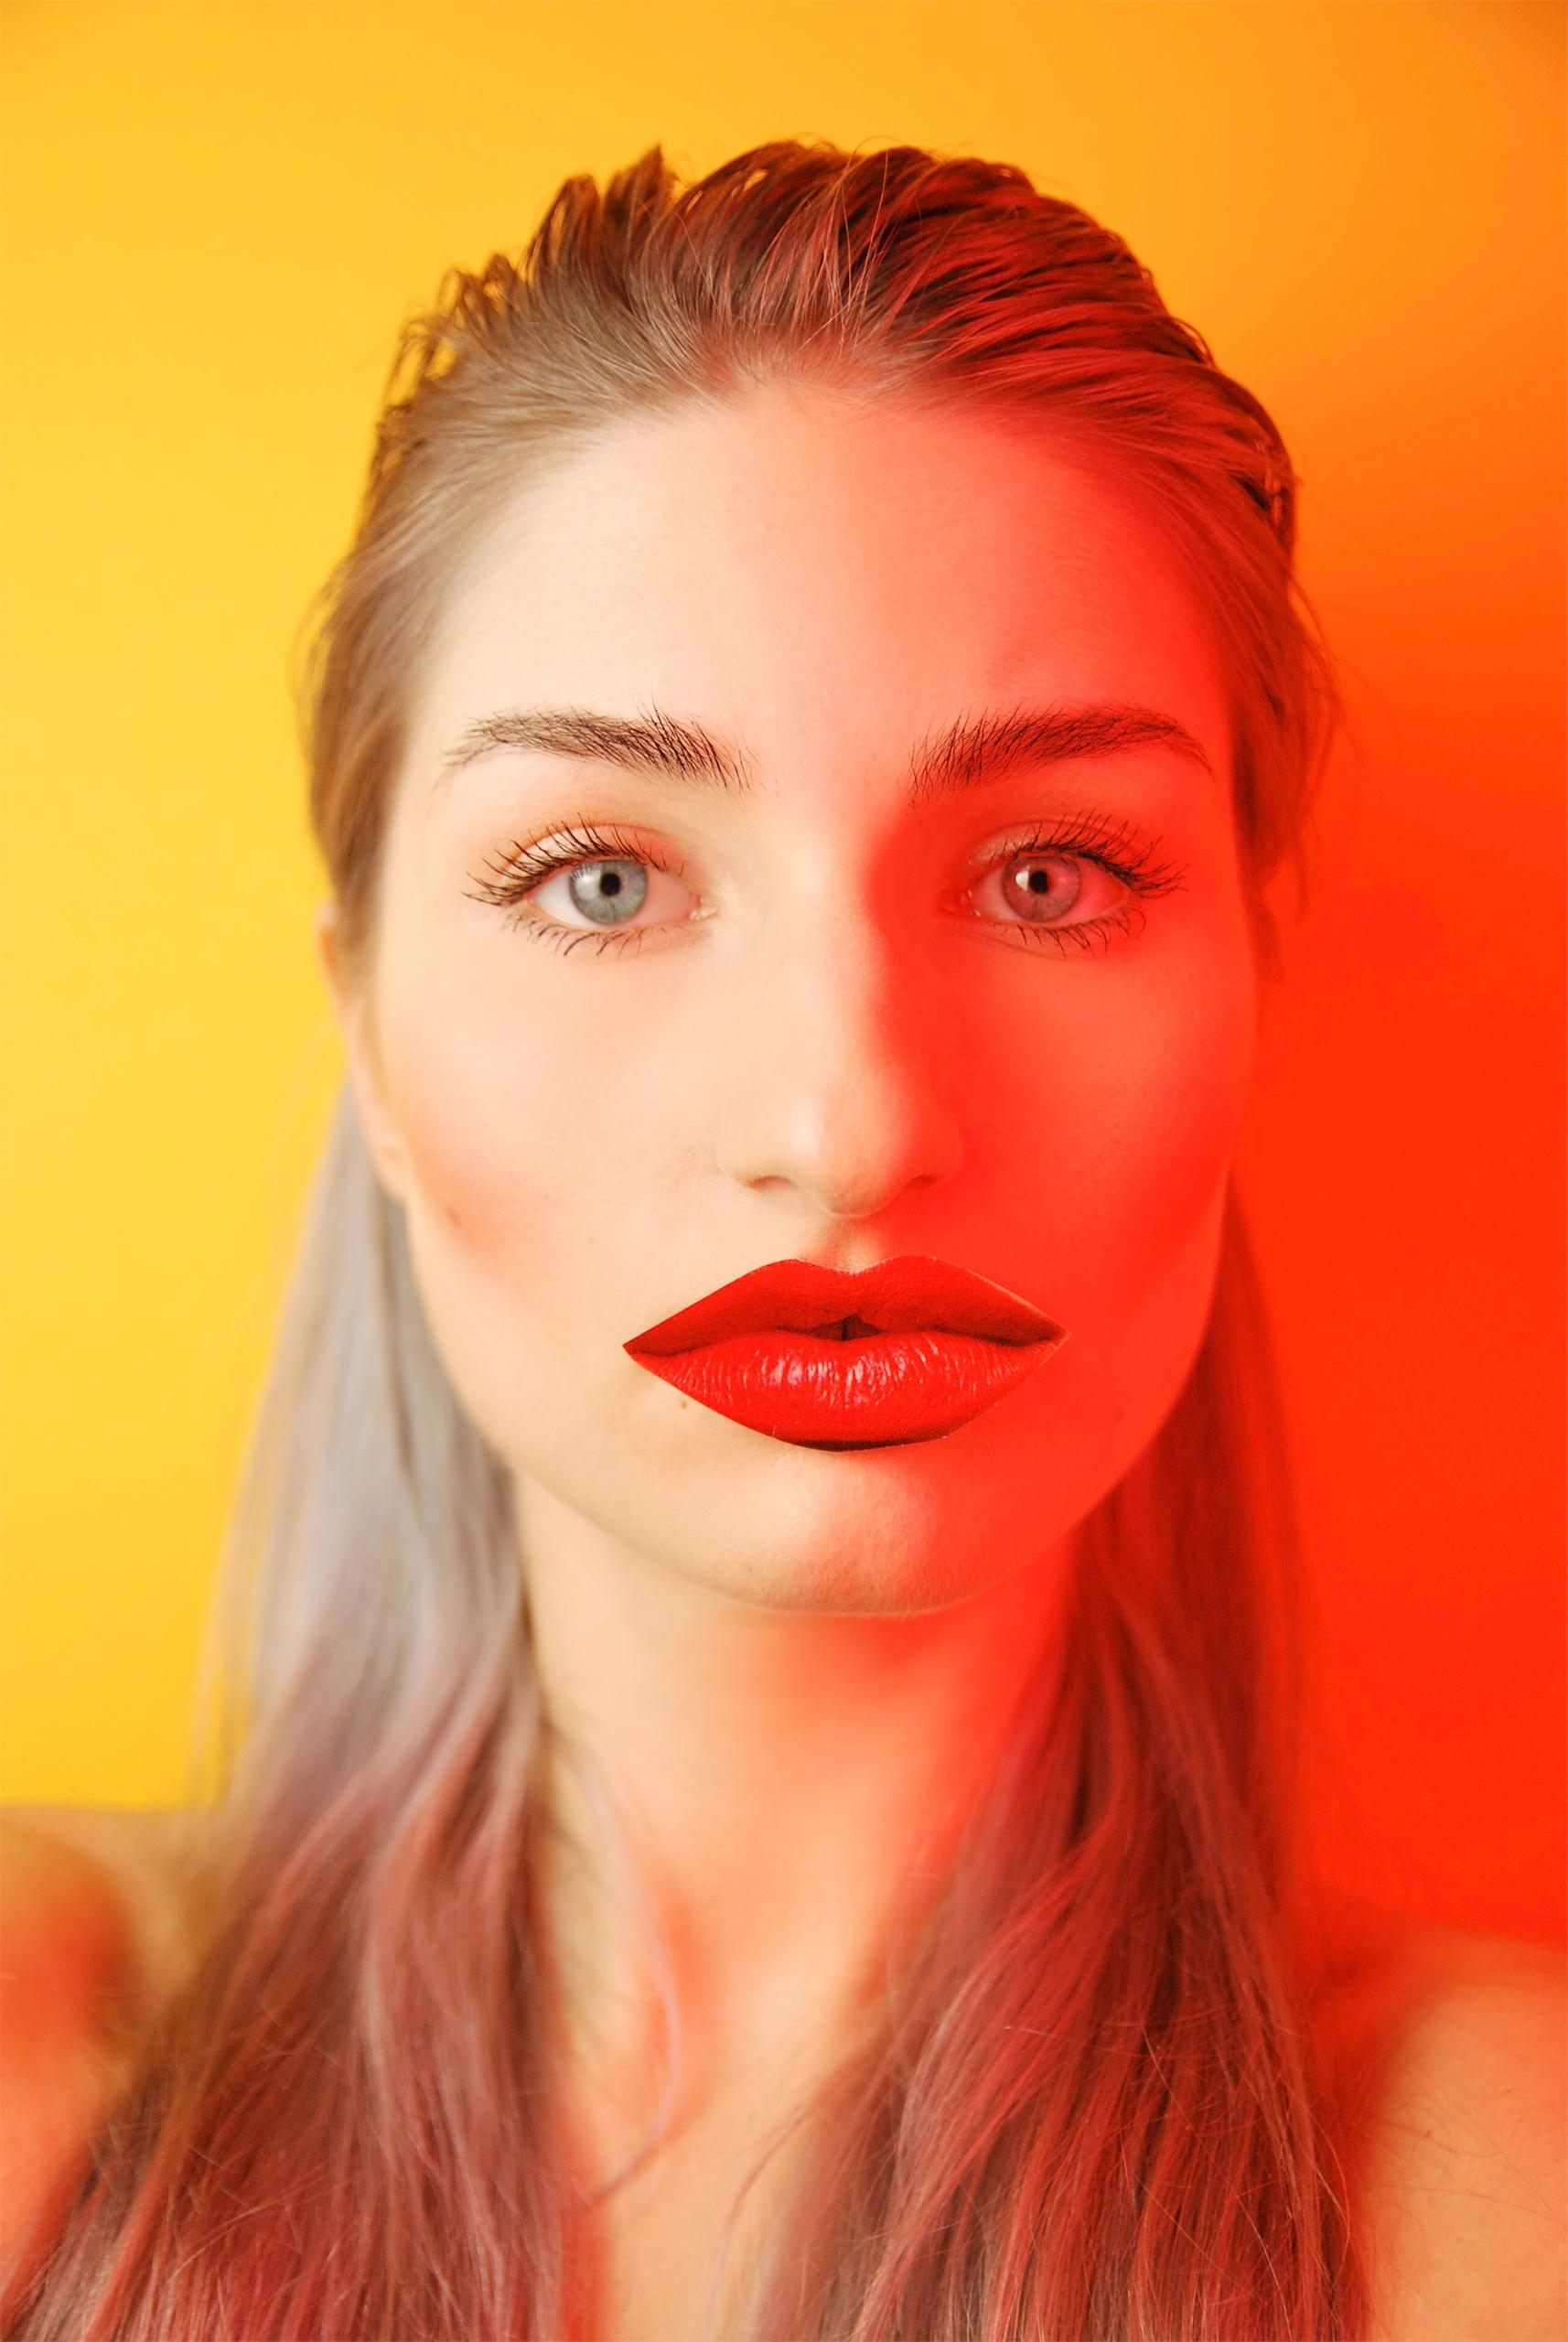 Zdjęcie przedstawia portret kobiety z długimi włosami. Połowę jej twarzy oświetla czerwone światło. Całość na żółtym tle.